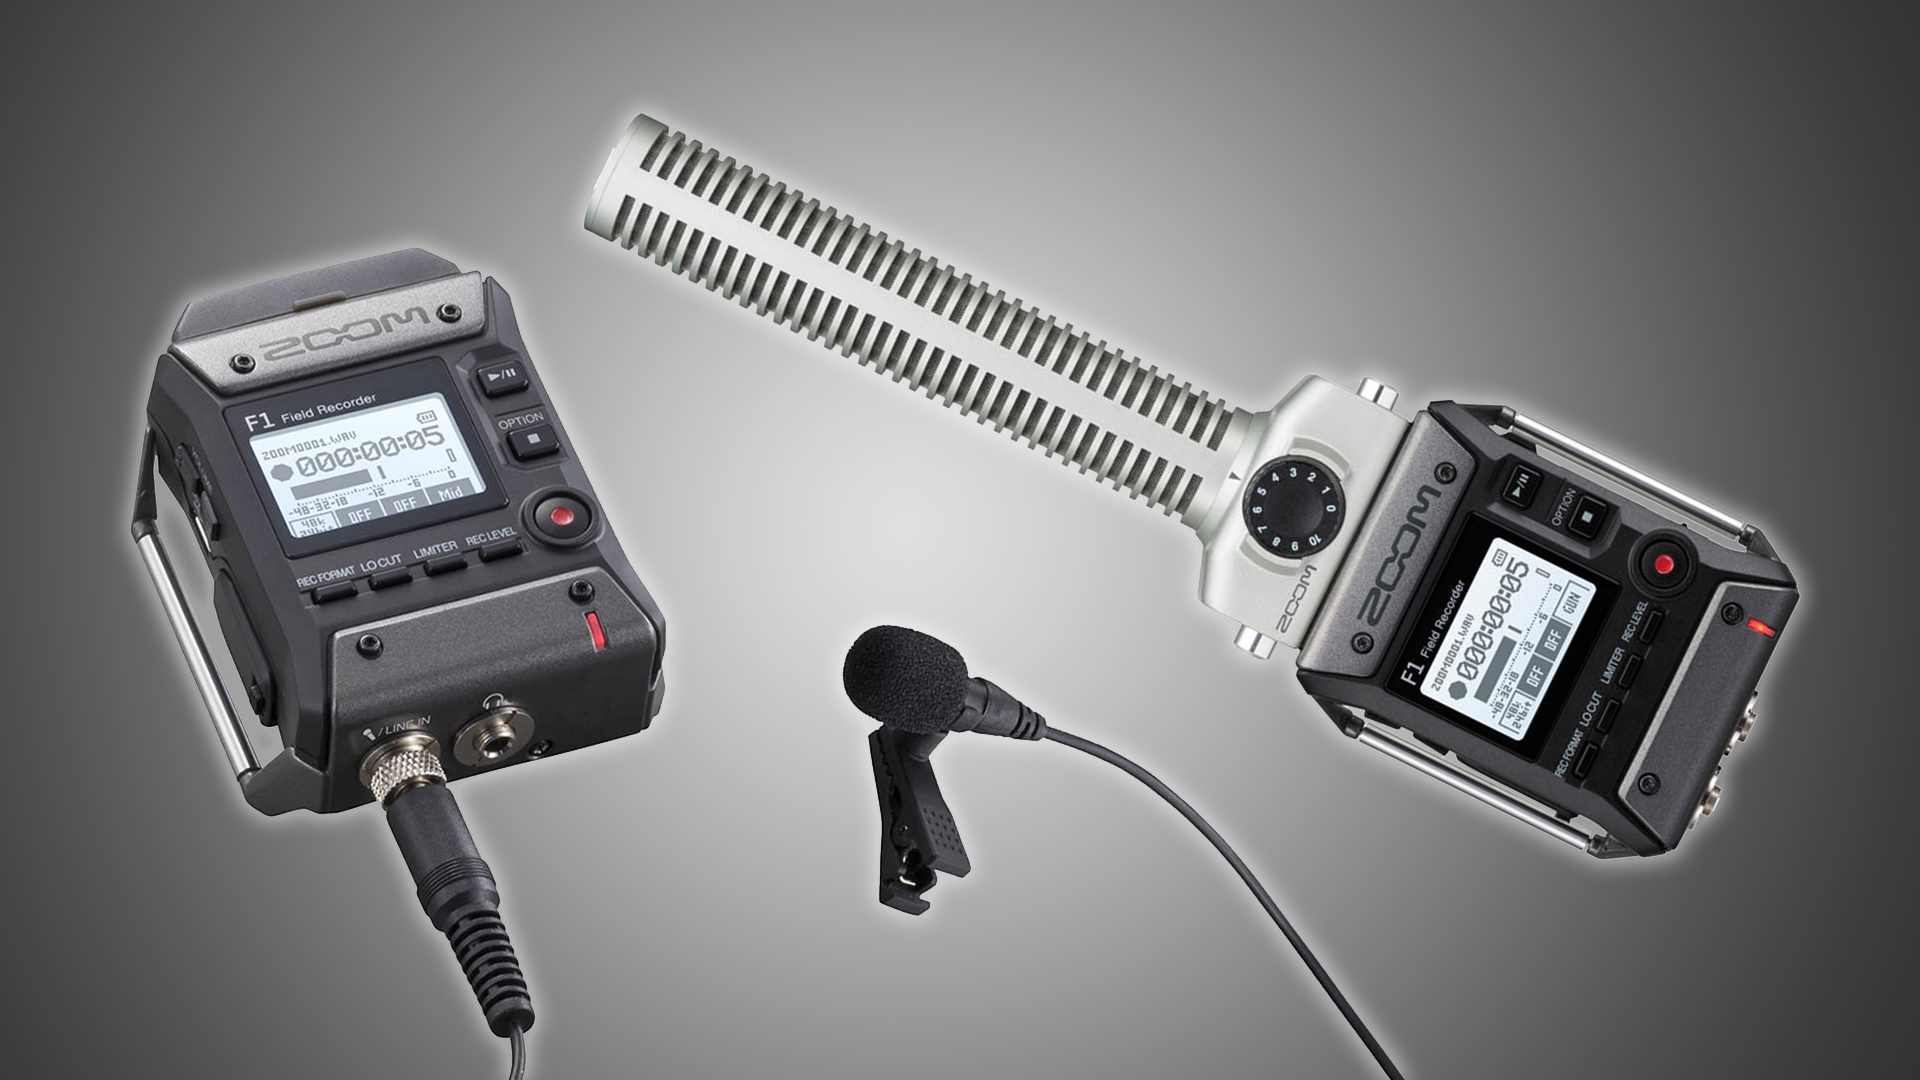 ZoomがF1を発表 - ラベリアとショットガンマイク用小型オーディオレコーダー